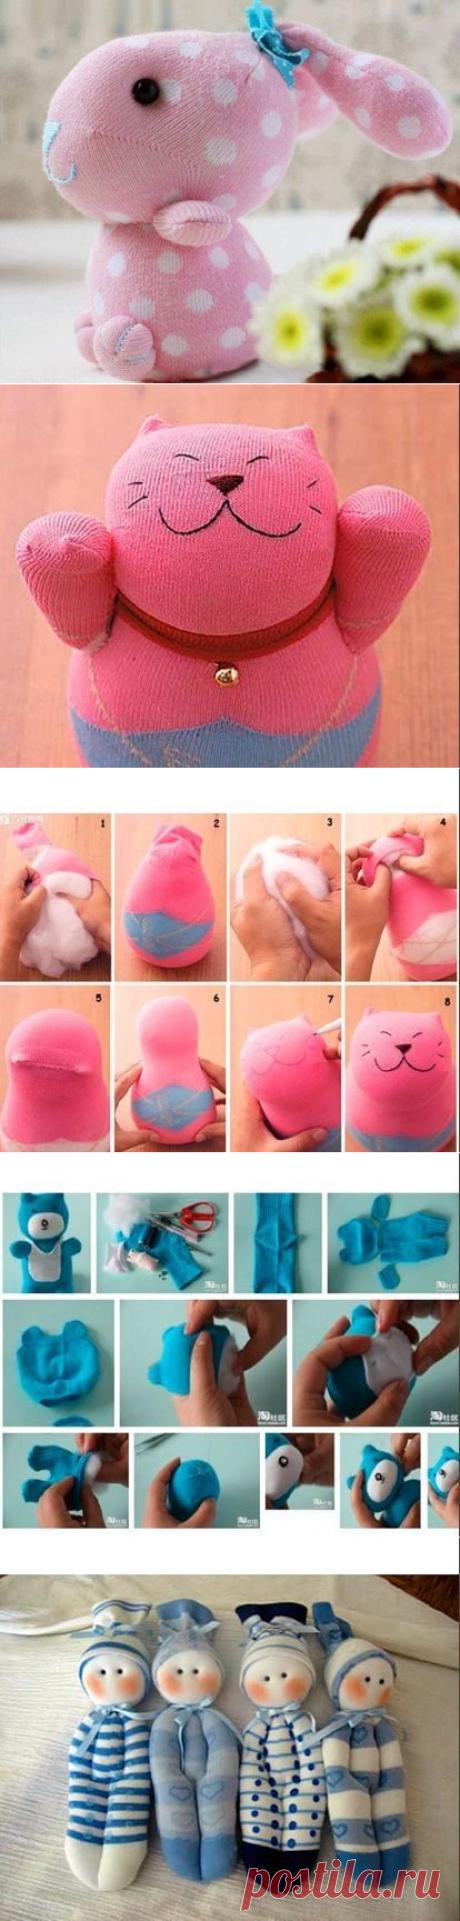 Мастерим игрушки из носков